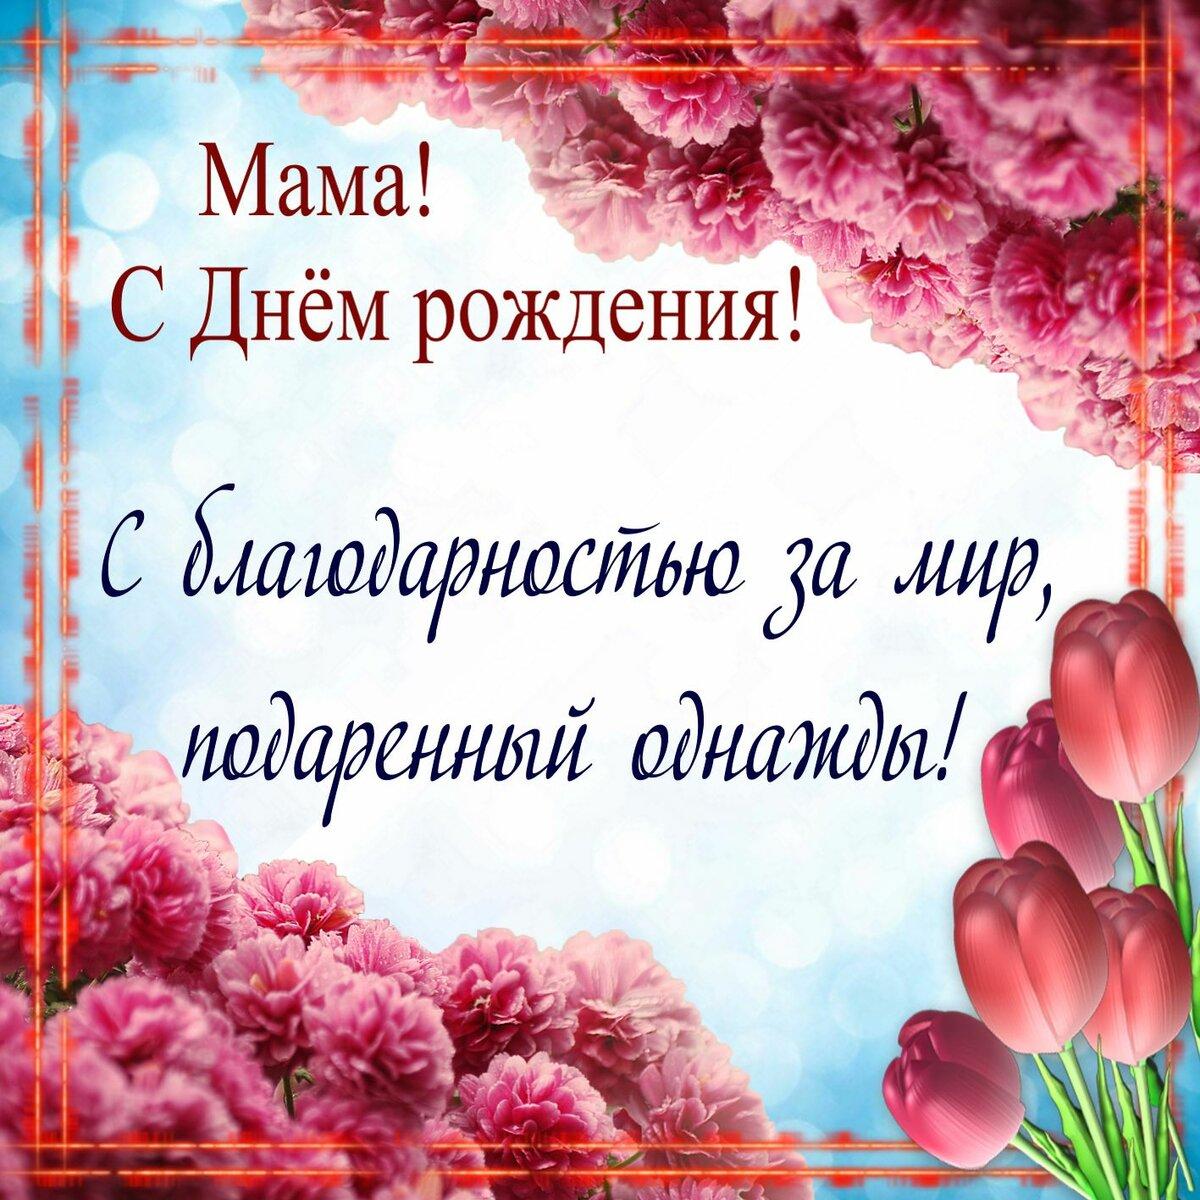 Поздравления для мамы на день рождения своими словами